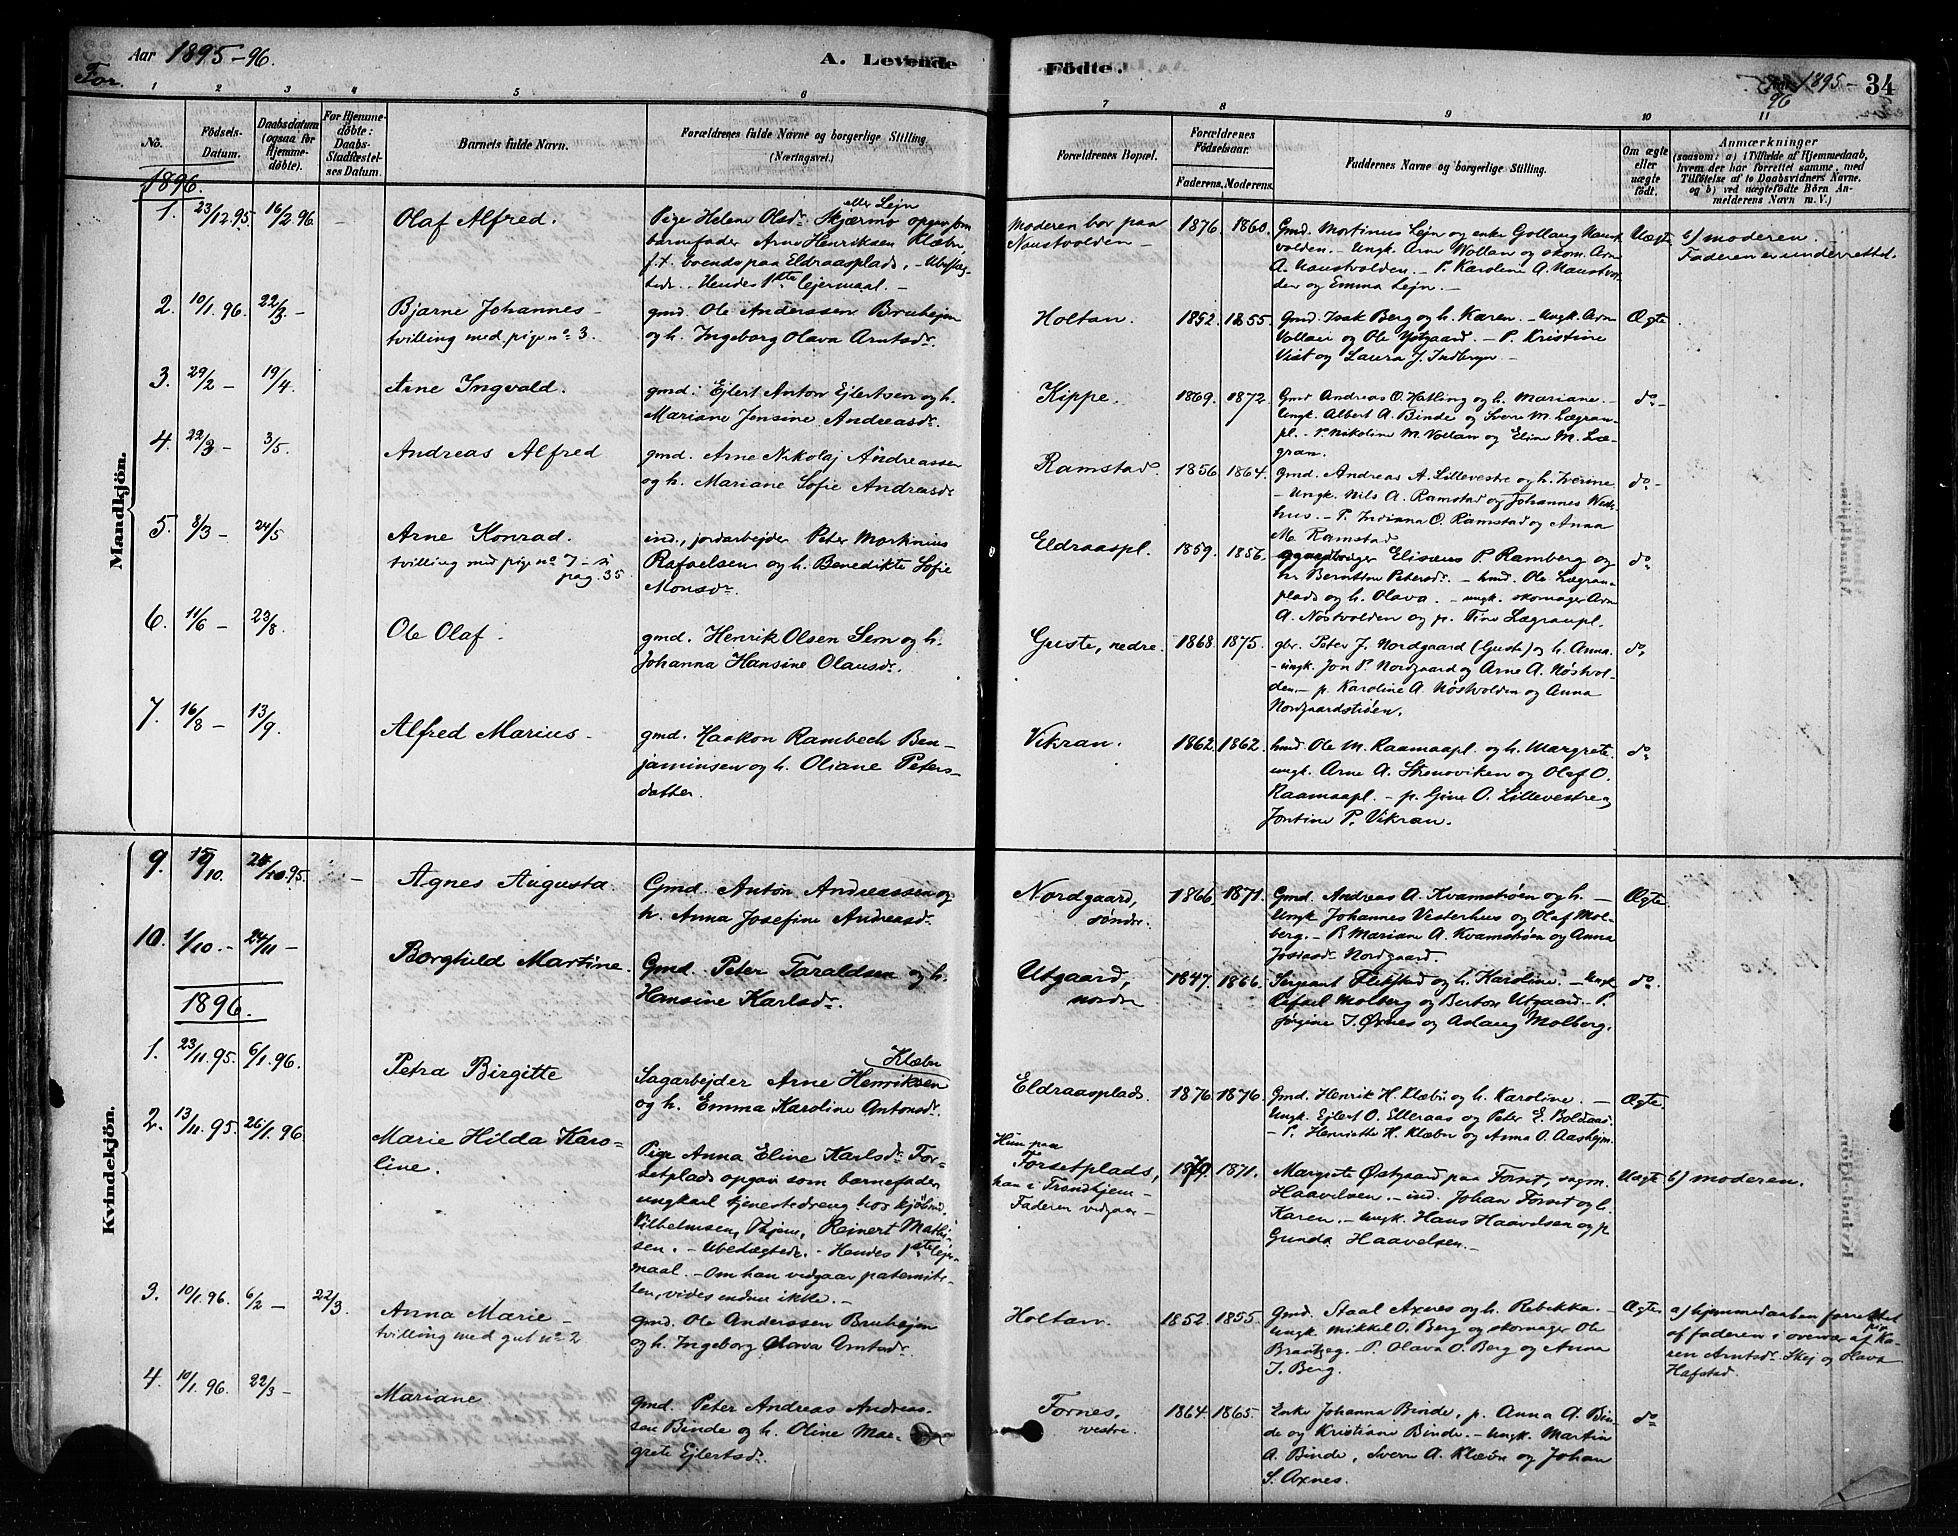 SAT, Ministerialprotokoller, klokkerbøker og fødselsregistre - Nord-Trøndelag, 746/L0448: Ministerialbok nr. 746A07 /1, 1878-1900, s. 34